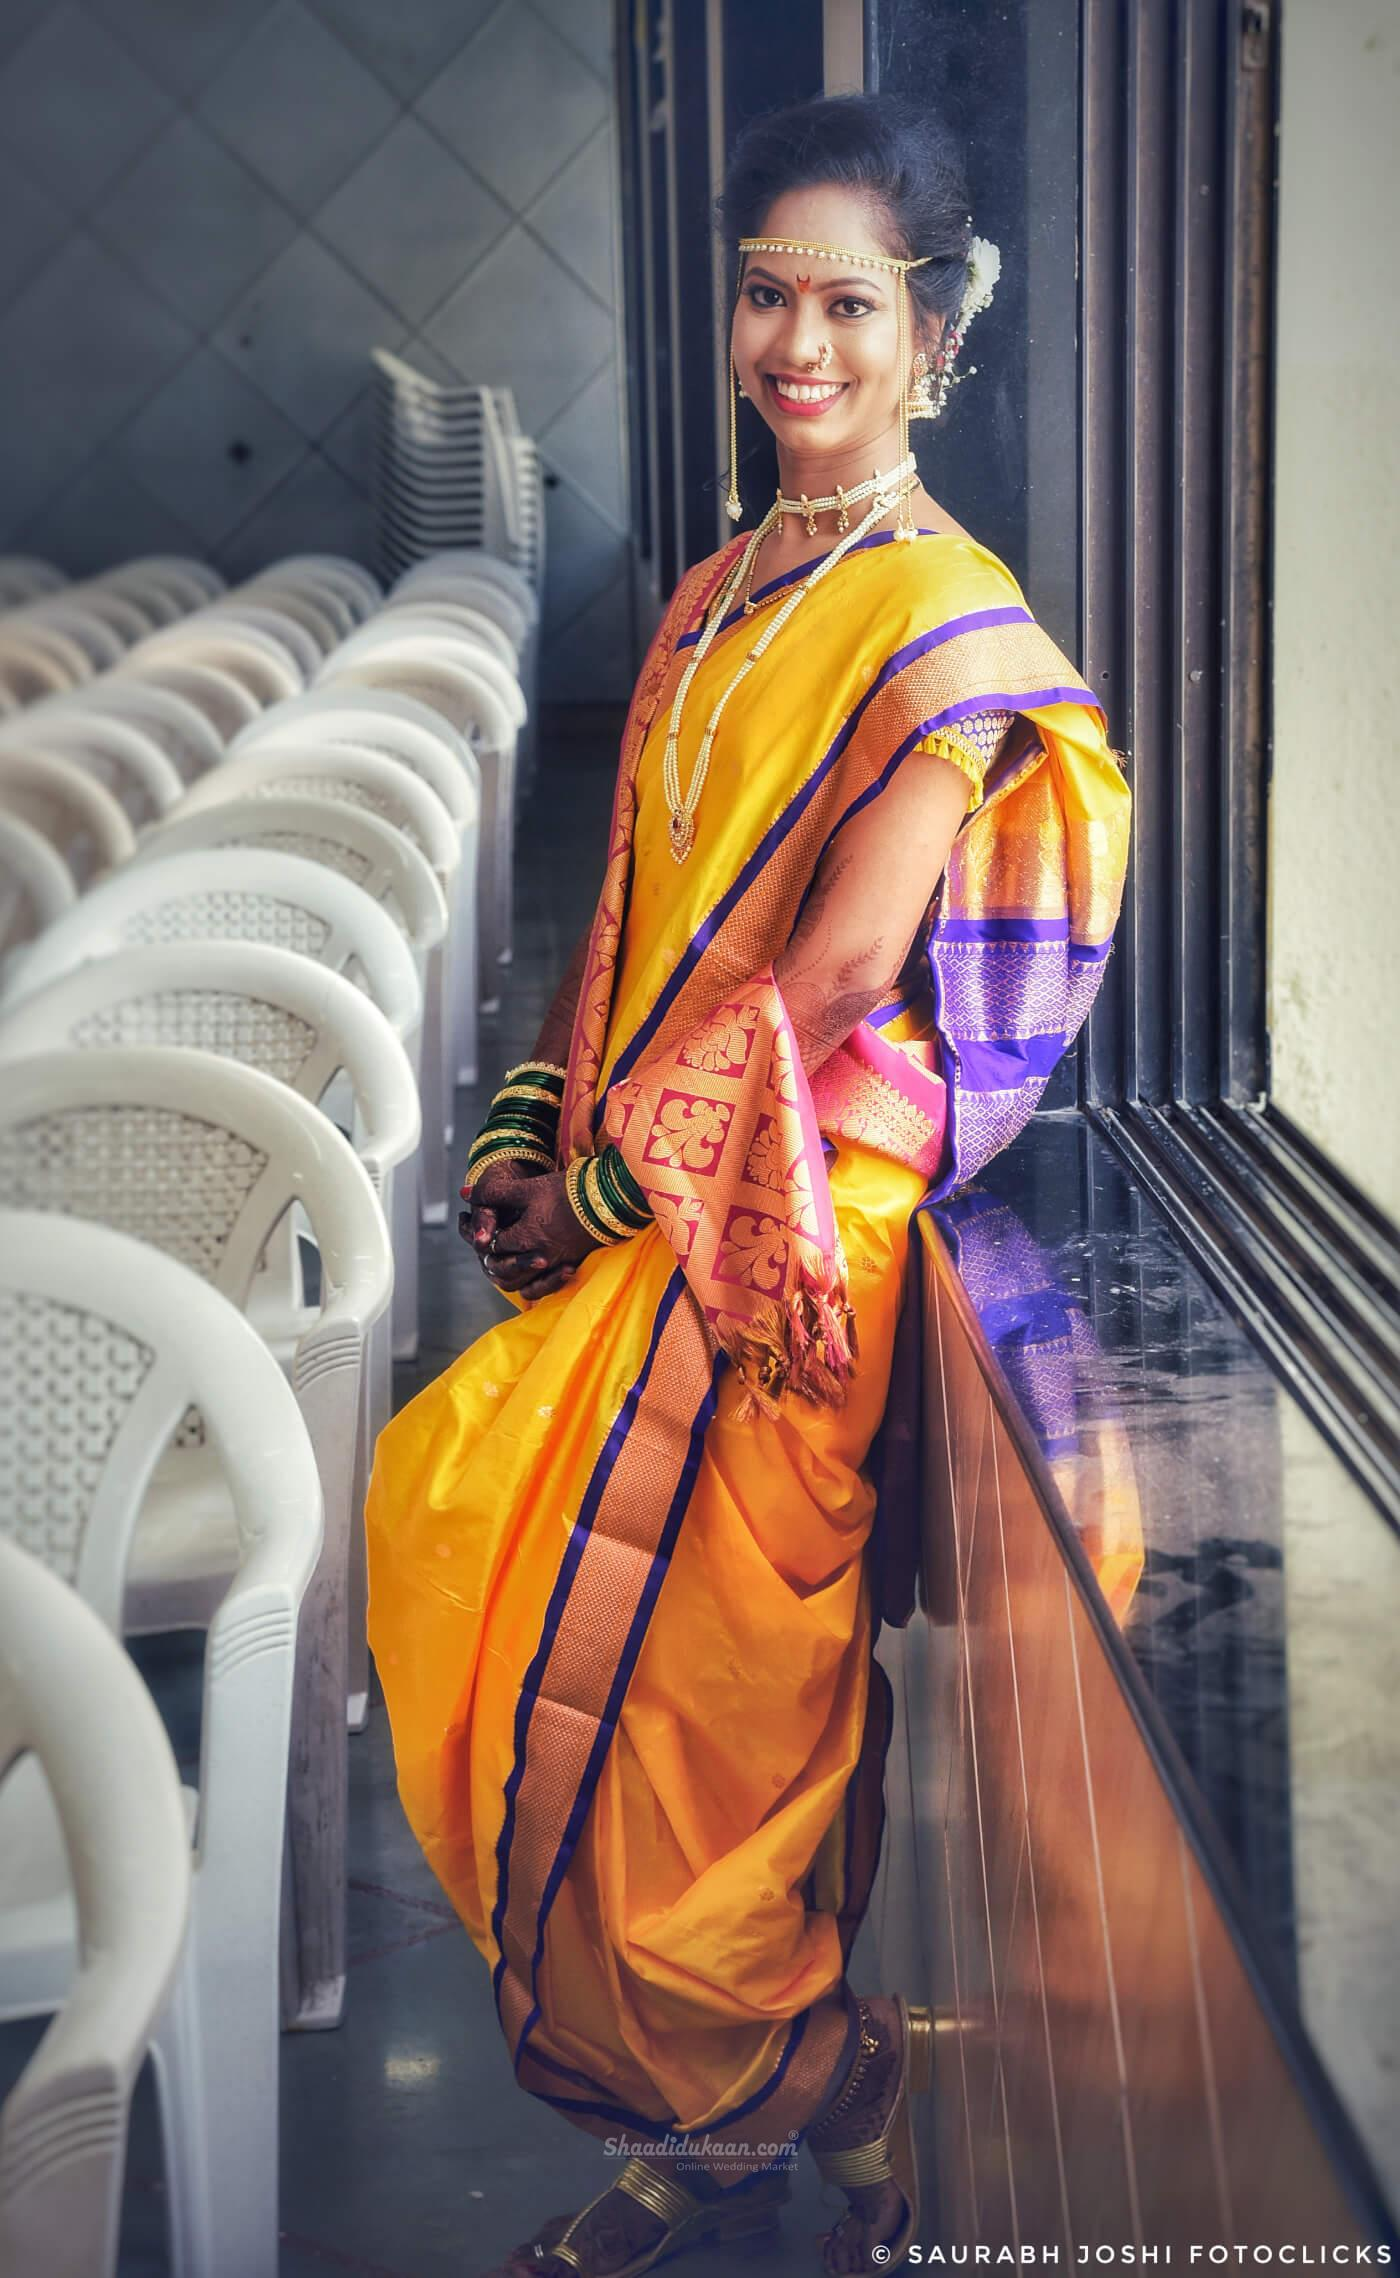 Saurabh Joshi FotoClicks